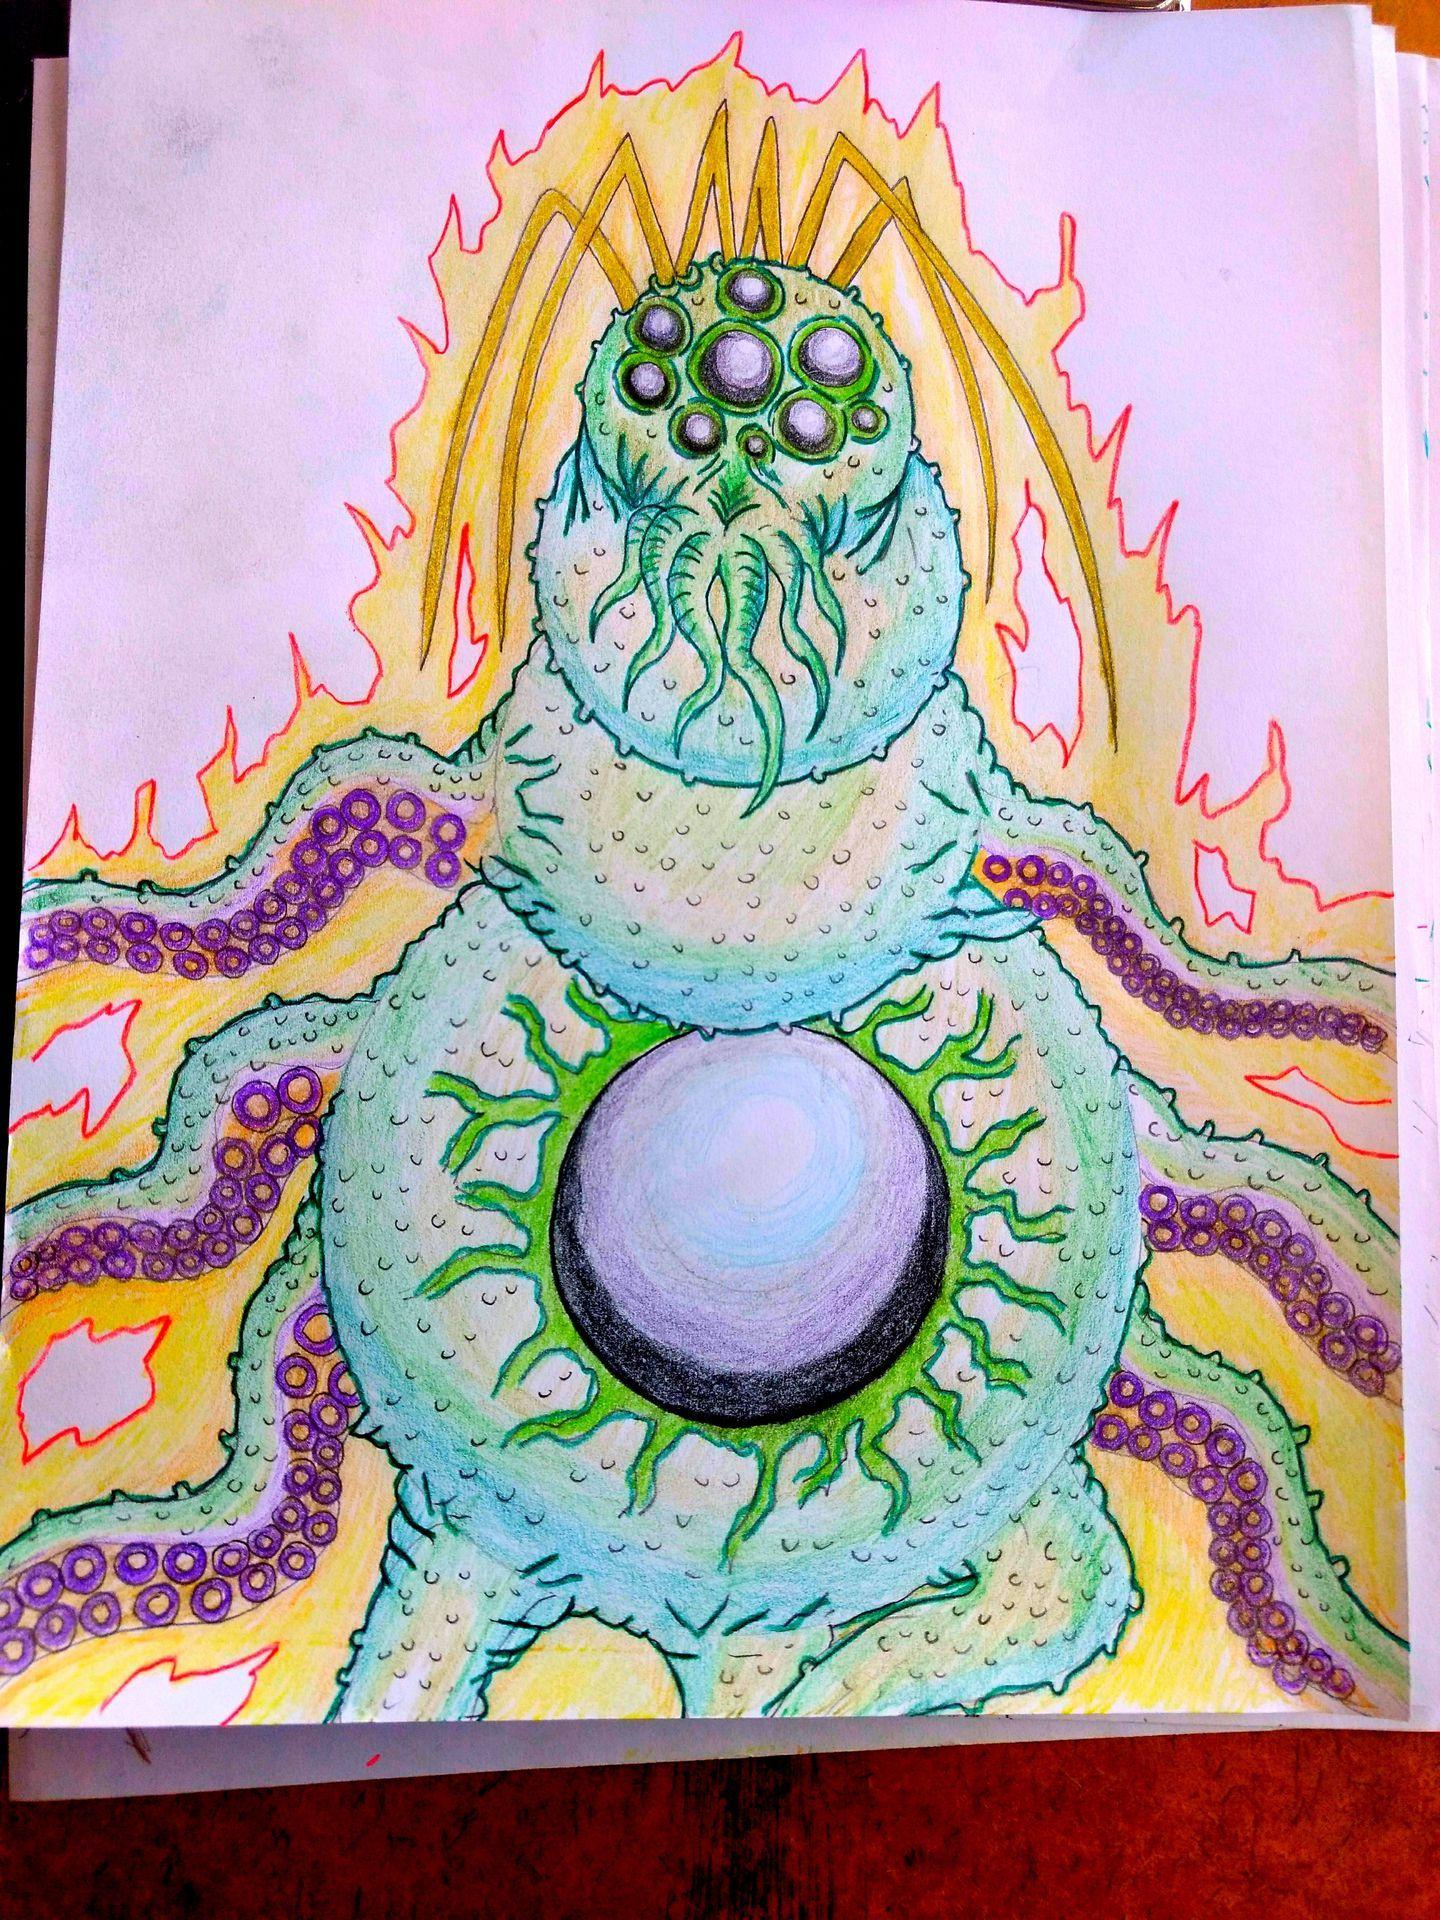 Eternos son la raza extraterrestre más antigua , evolucionada e inteligente del universo , han dejado la tecnología , la reproducción , la vida y la muerte atrás , sus cuerpos tienen la densidad del acero pero pueden moldearse, trasladarse en el e...